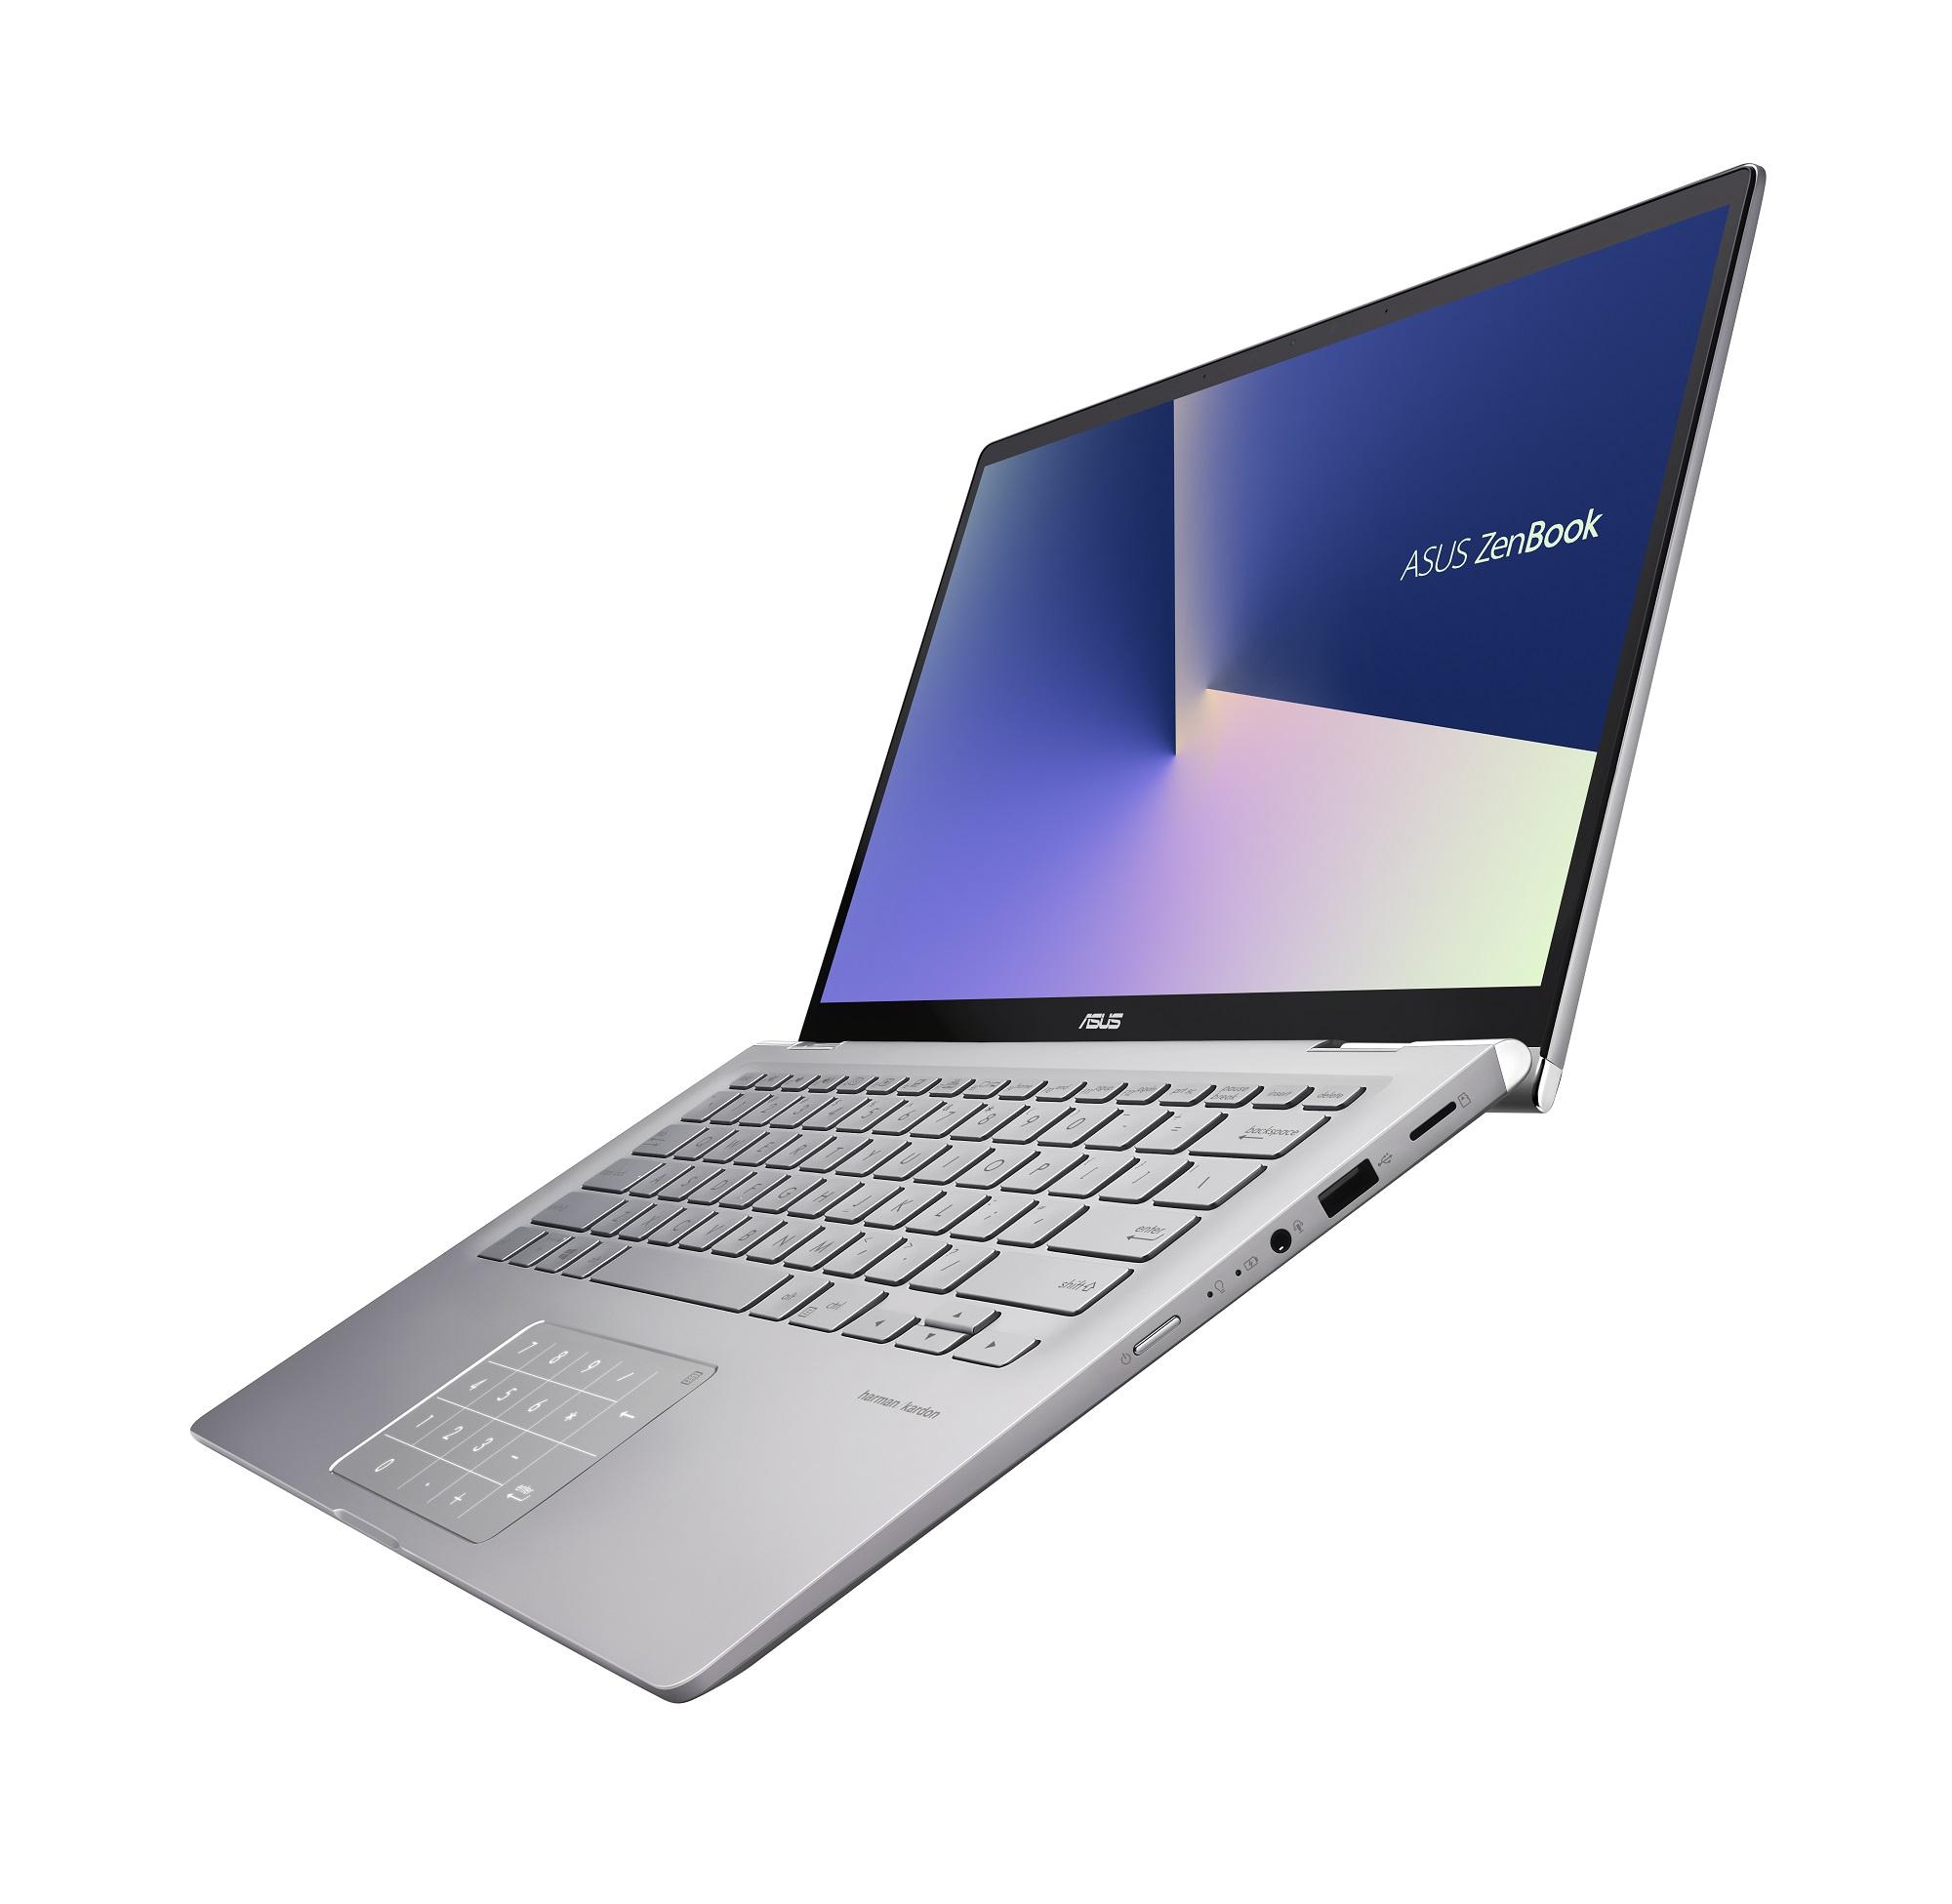 Zenbook Flip 14 (UM462): Das neue Asus-Convertible nutzt eine AMD-Ryzen-CPU - Asus Zenbook Flip 14 (UM462) (Bild: Asus)